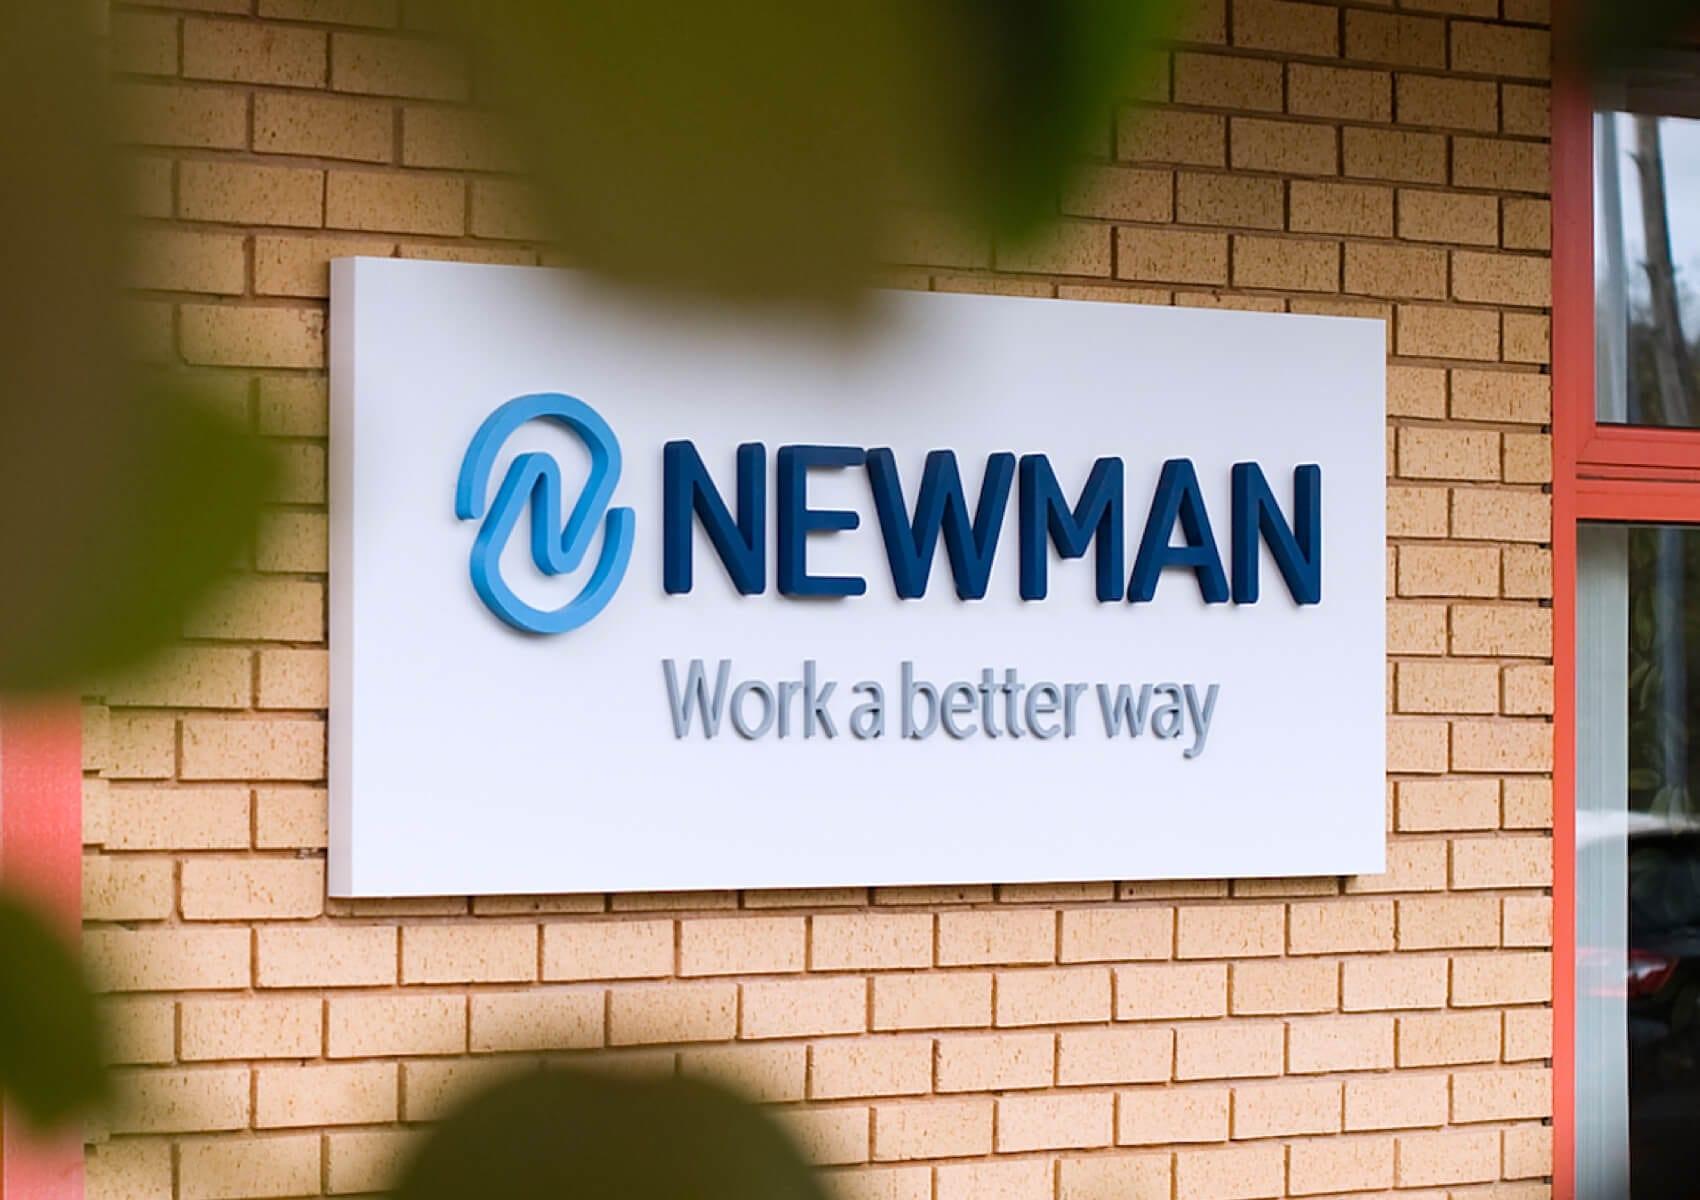 Newman signage